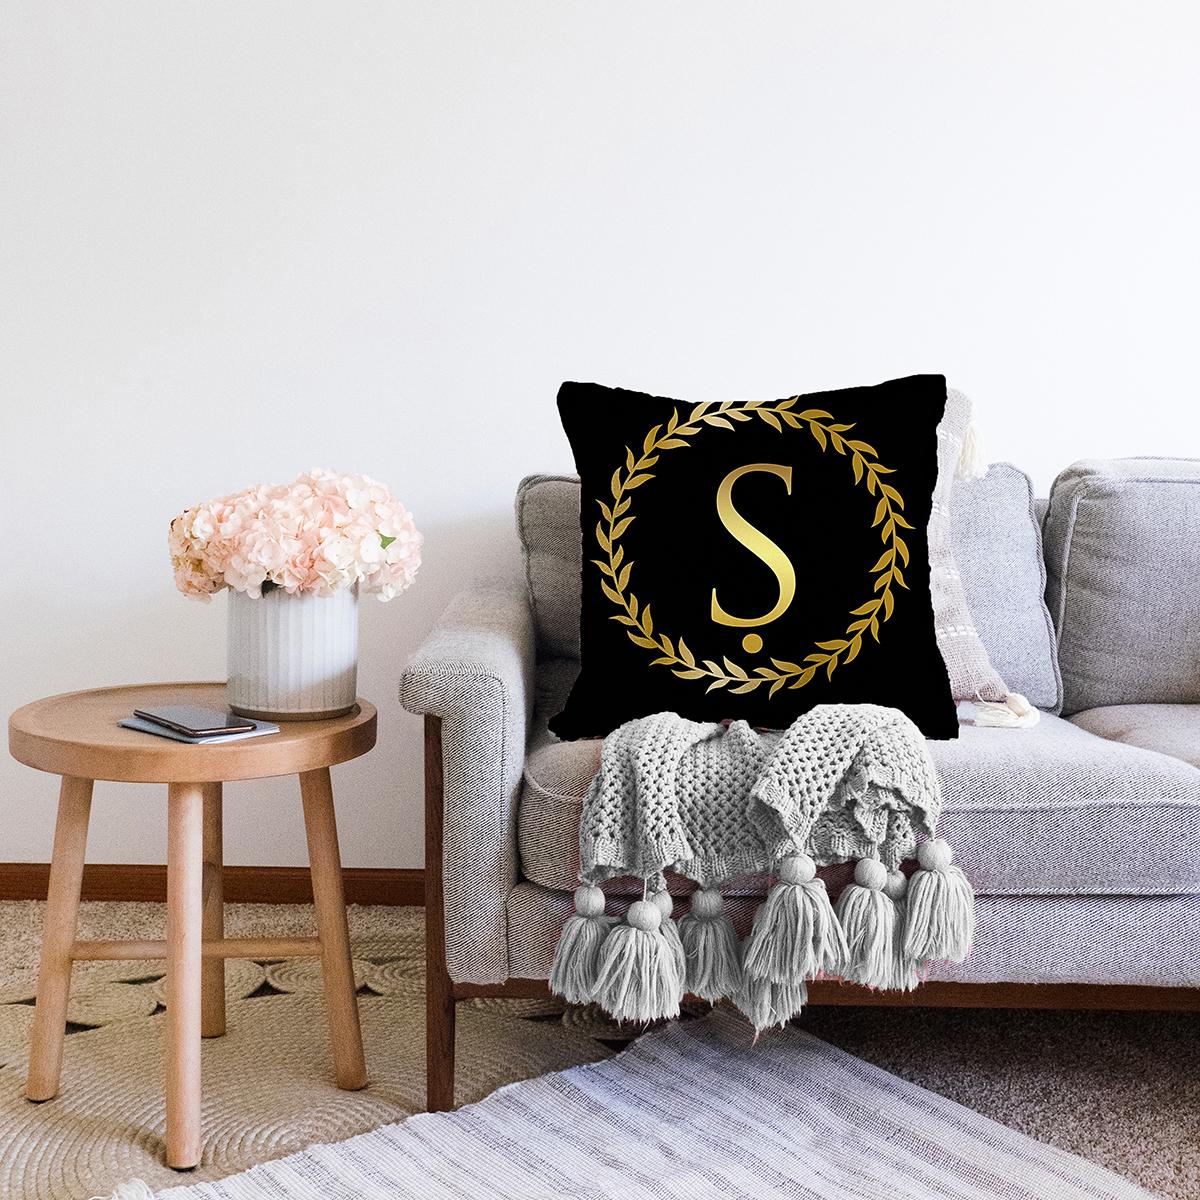 Siyah Zemin Gold Yaprak Çerçeveli Ş Harfi Özel Tasarım Dijital Baskılı Şönil Yastık Kırlent Kılıfı Realhomes